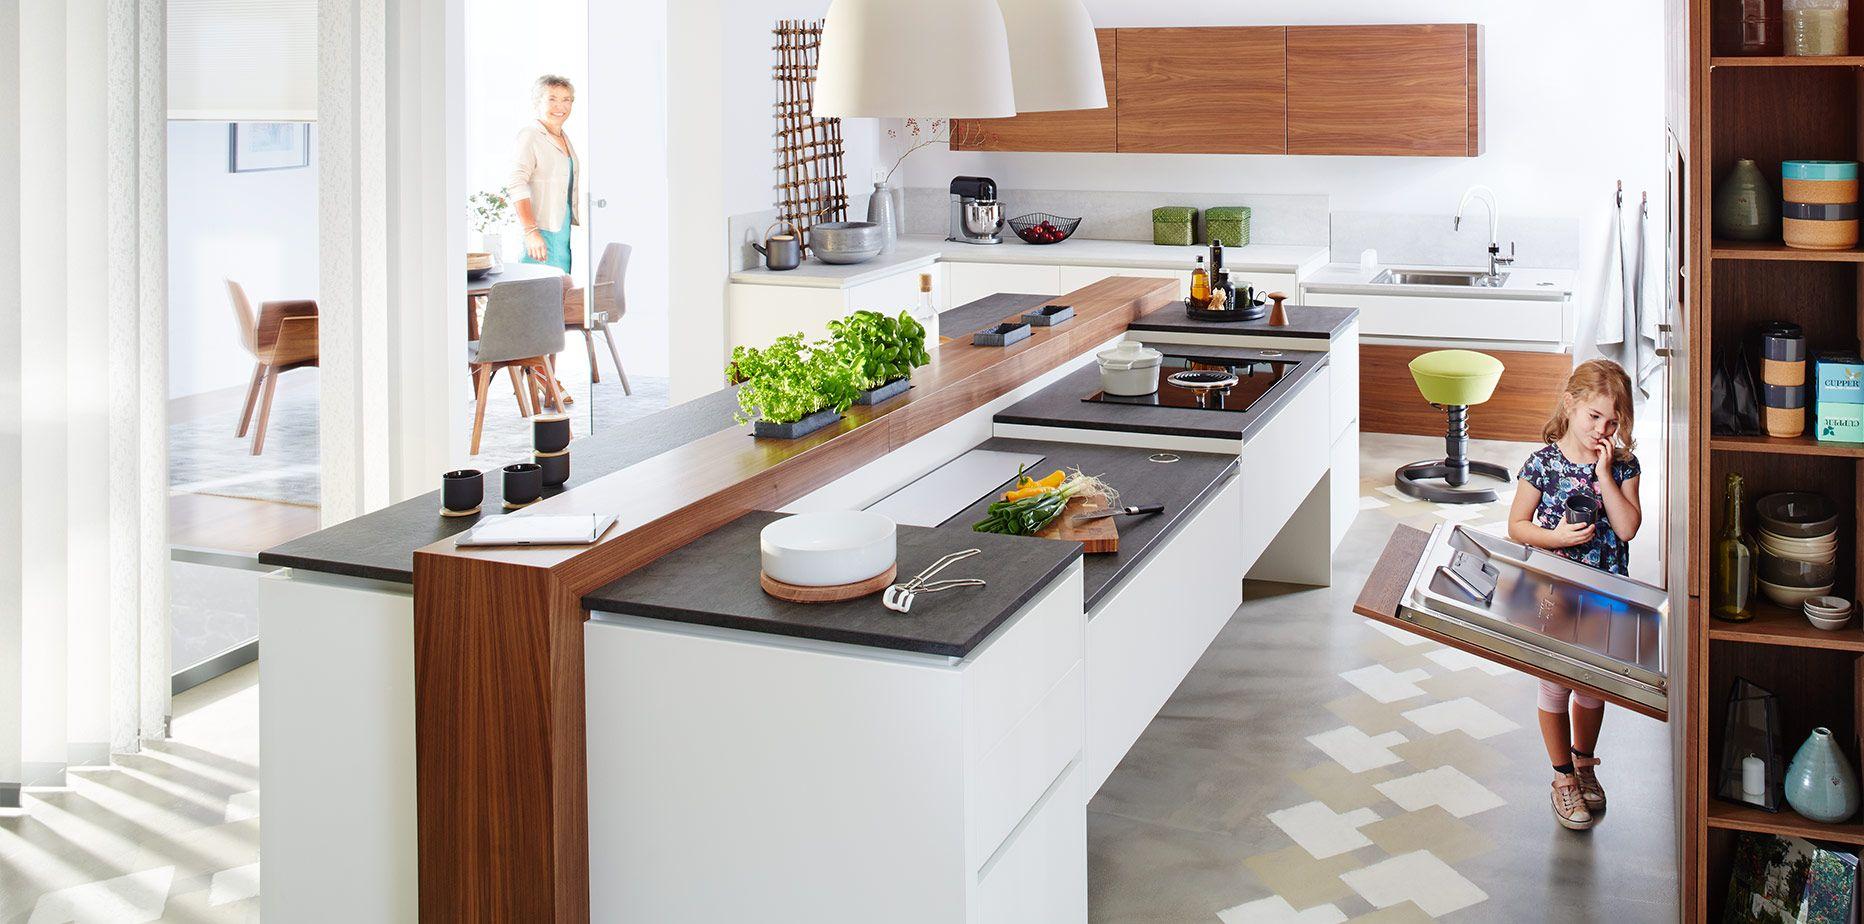 Küche Renovieren U2013 Praktische Tipps Und Kreative Ideen   Https .